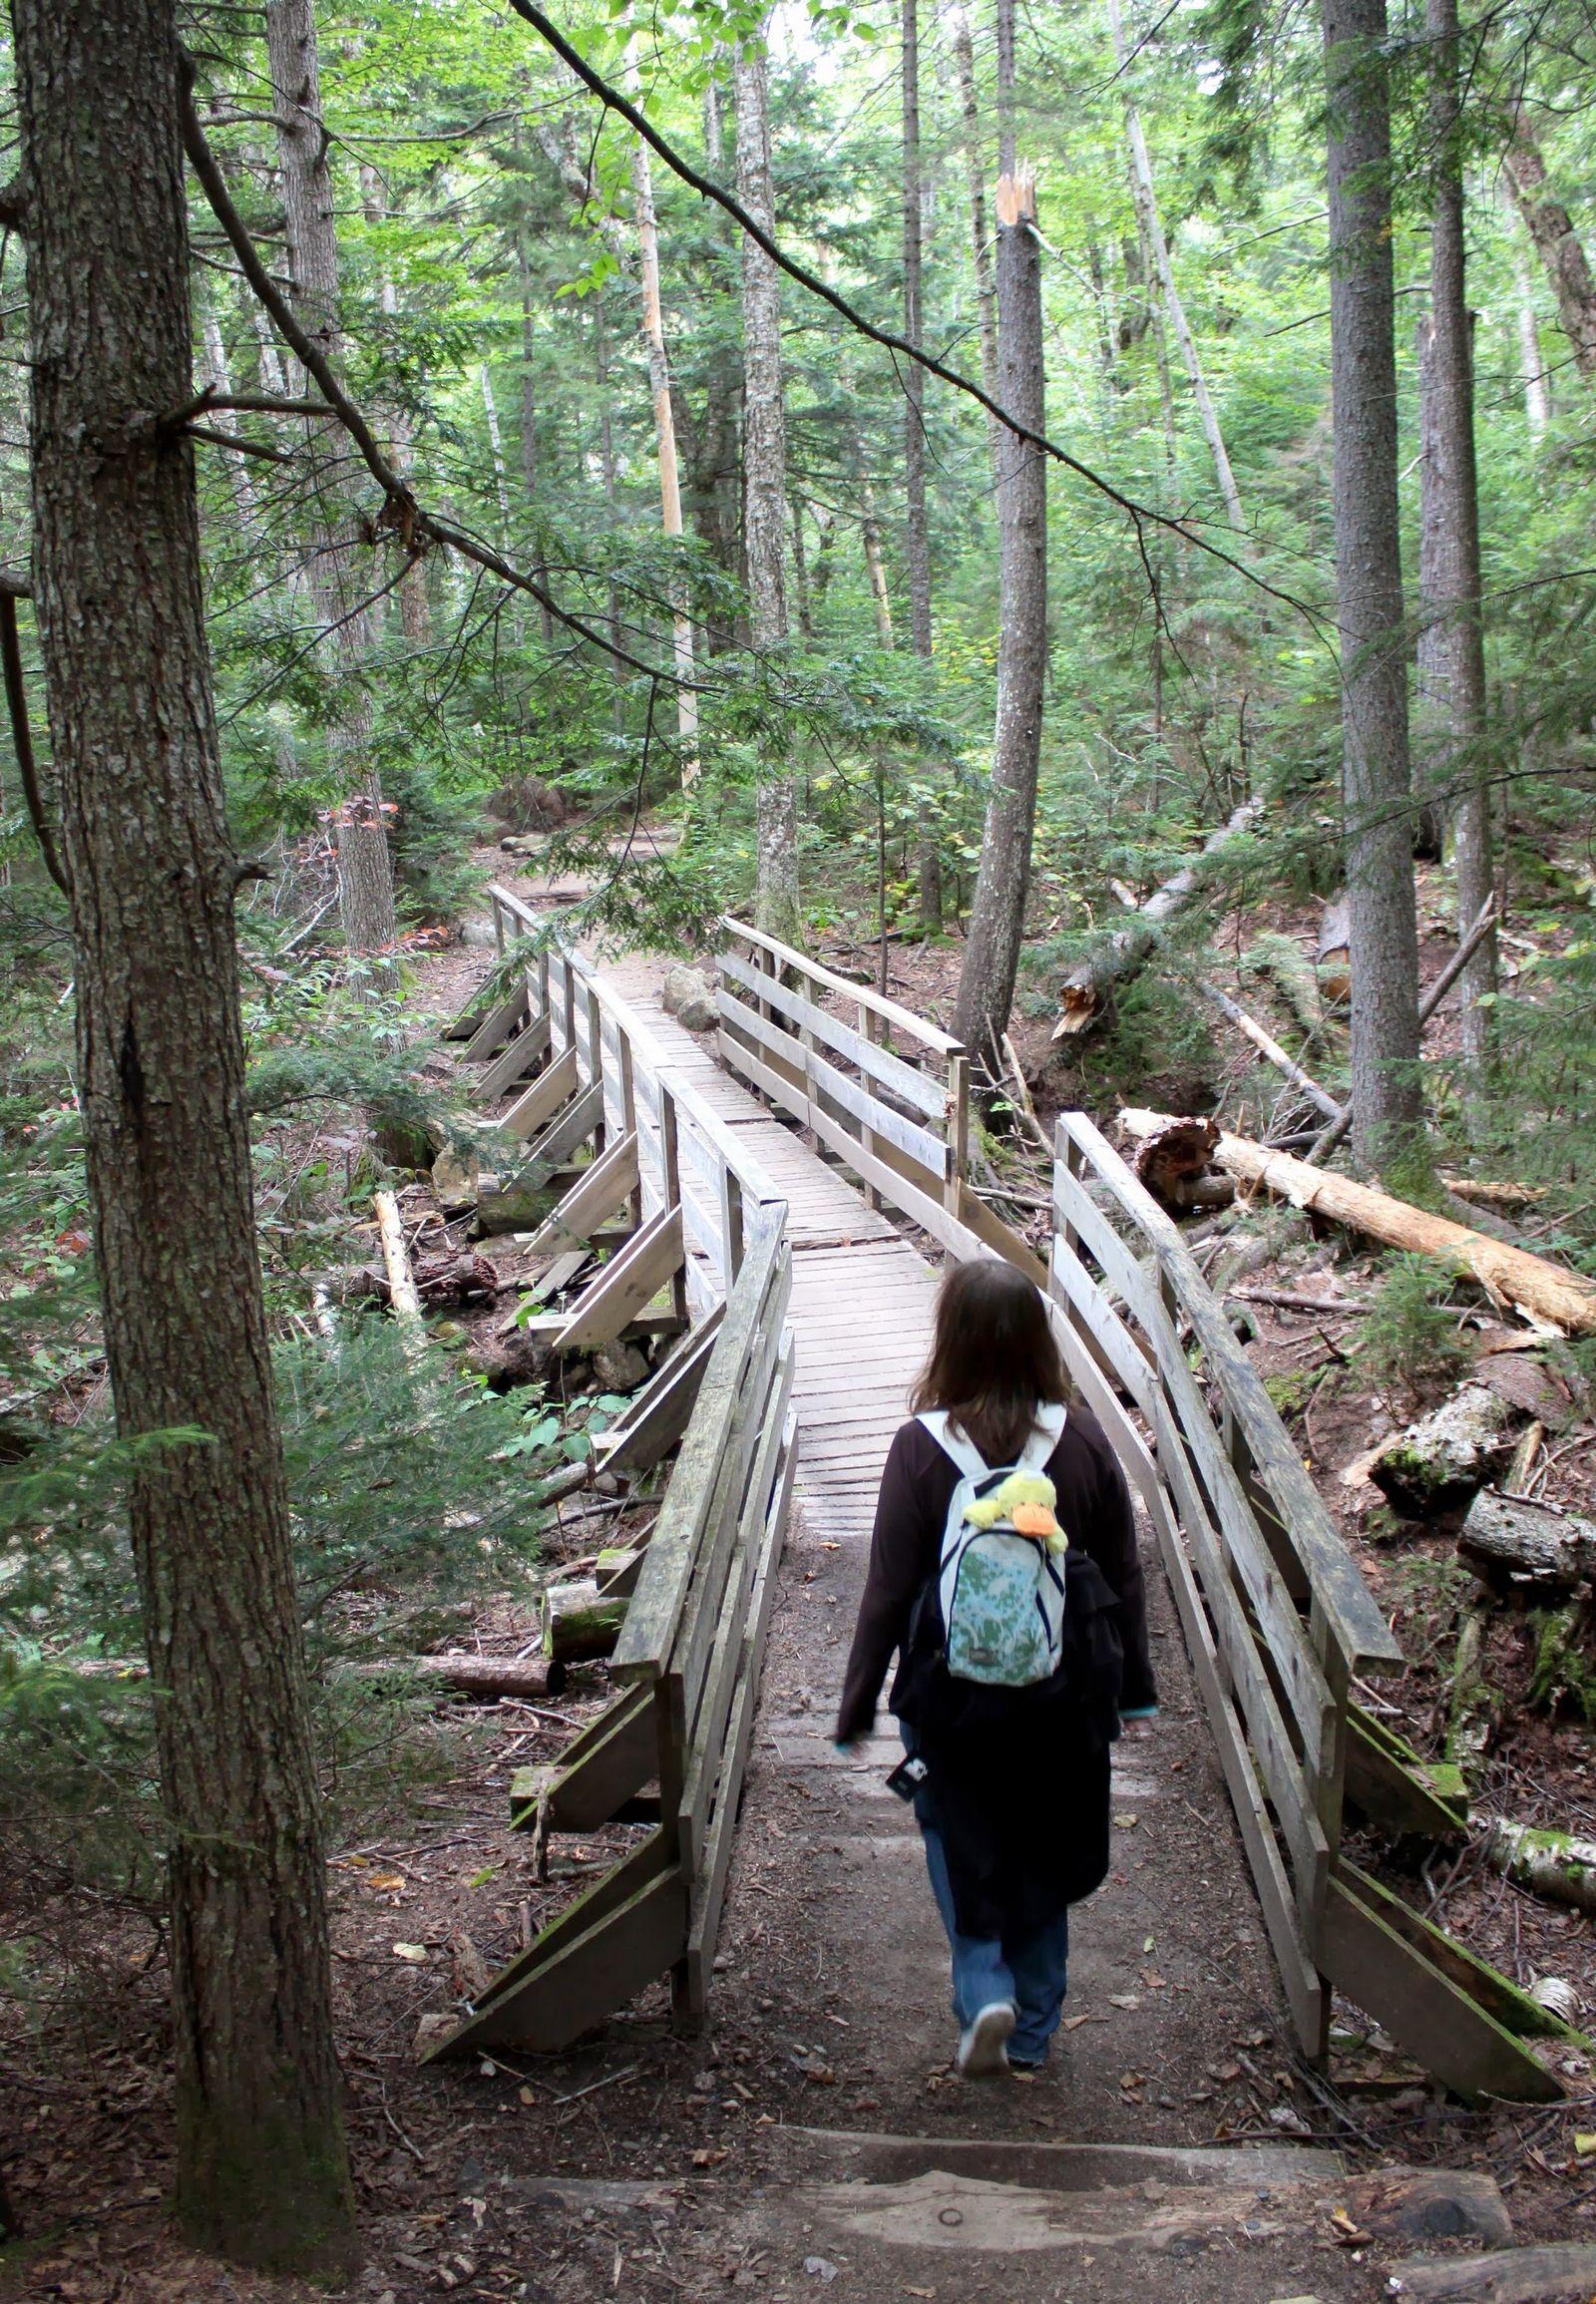 ... clásicos puentes de madera...